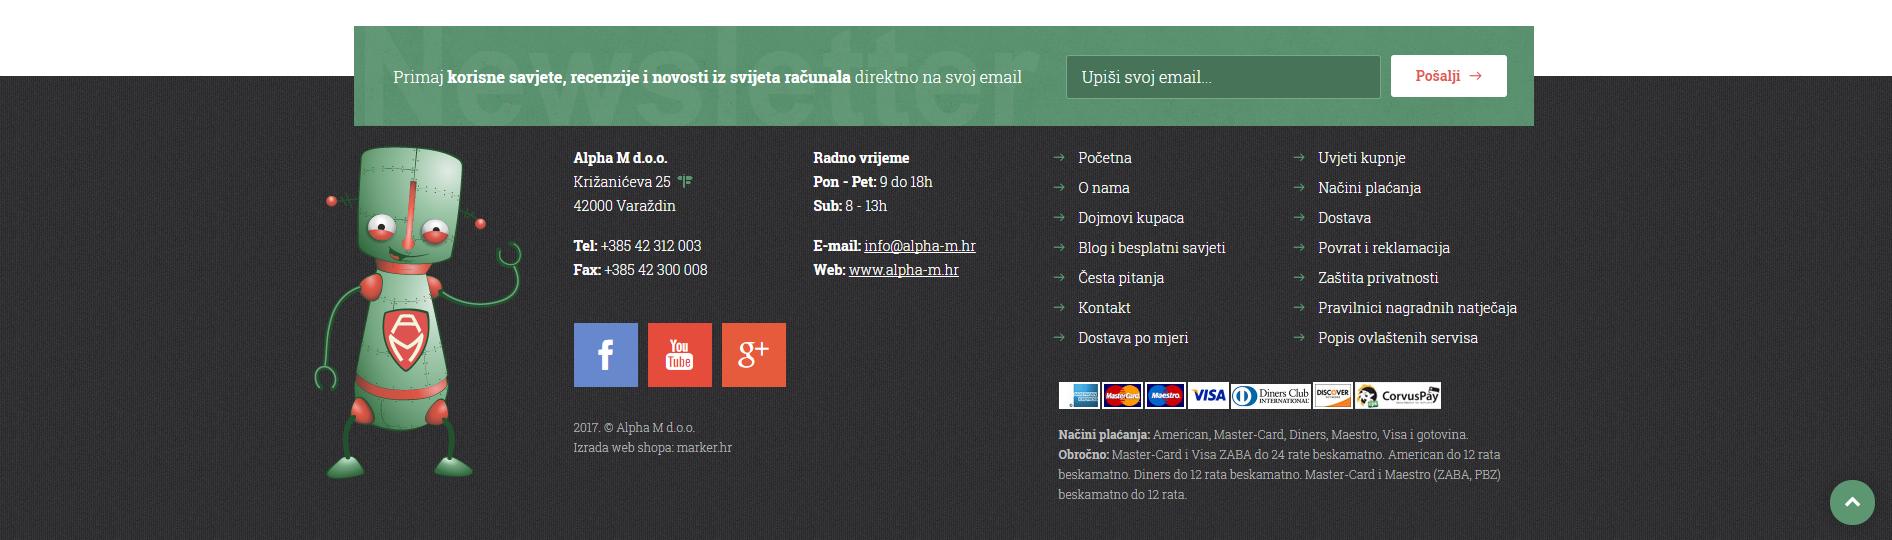 online primjera dobrih primjera e-pošte aplikacija za upoznavanje ruksaka